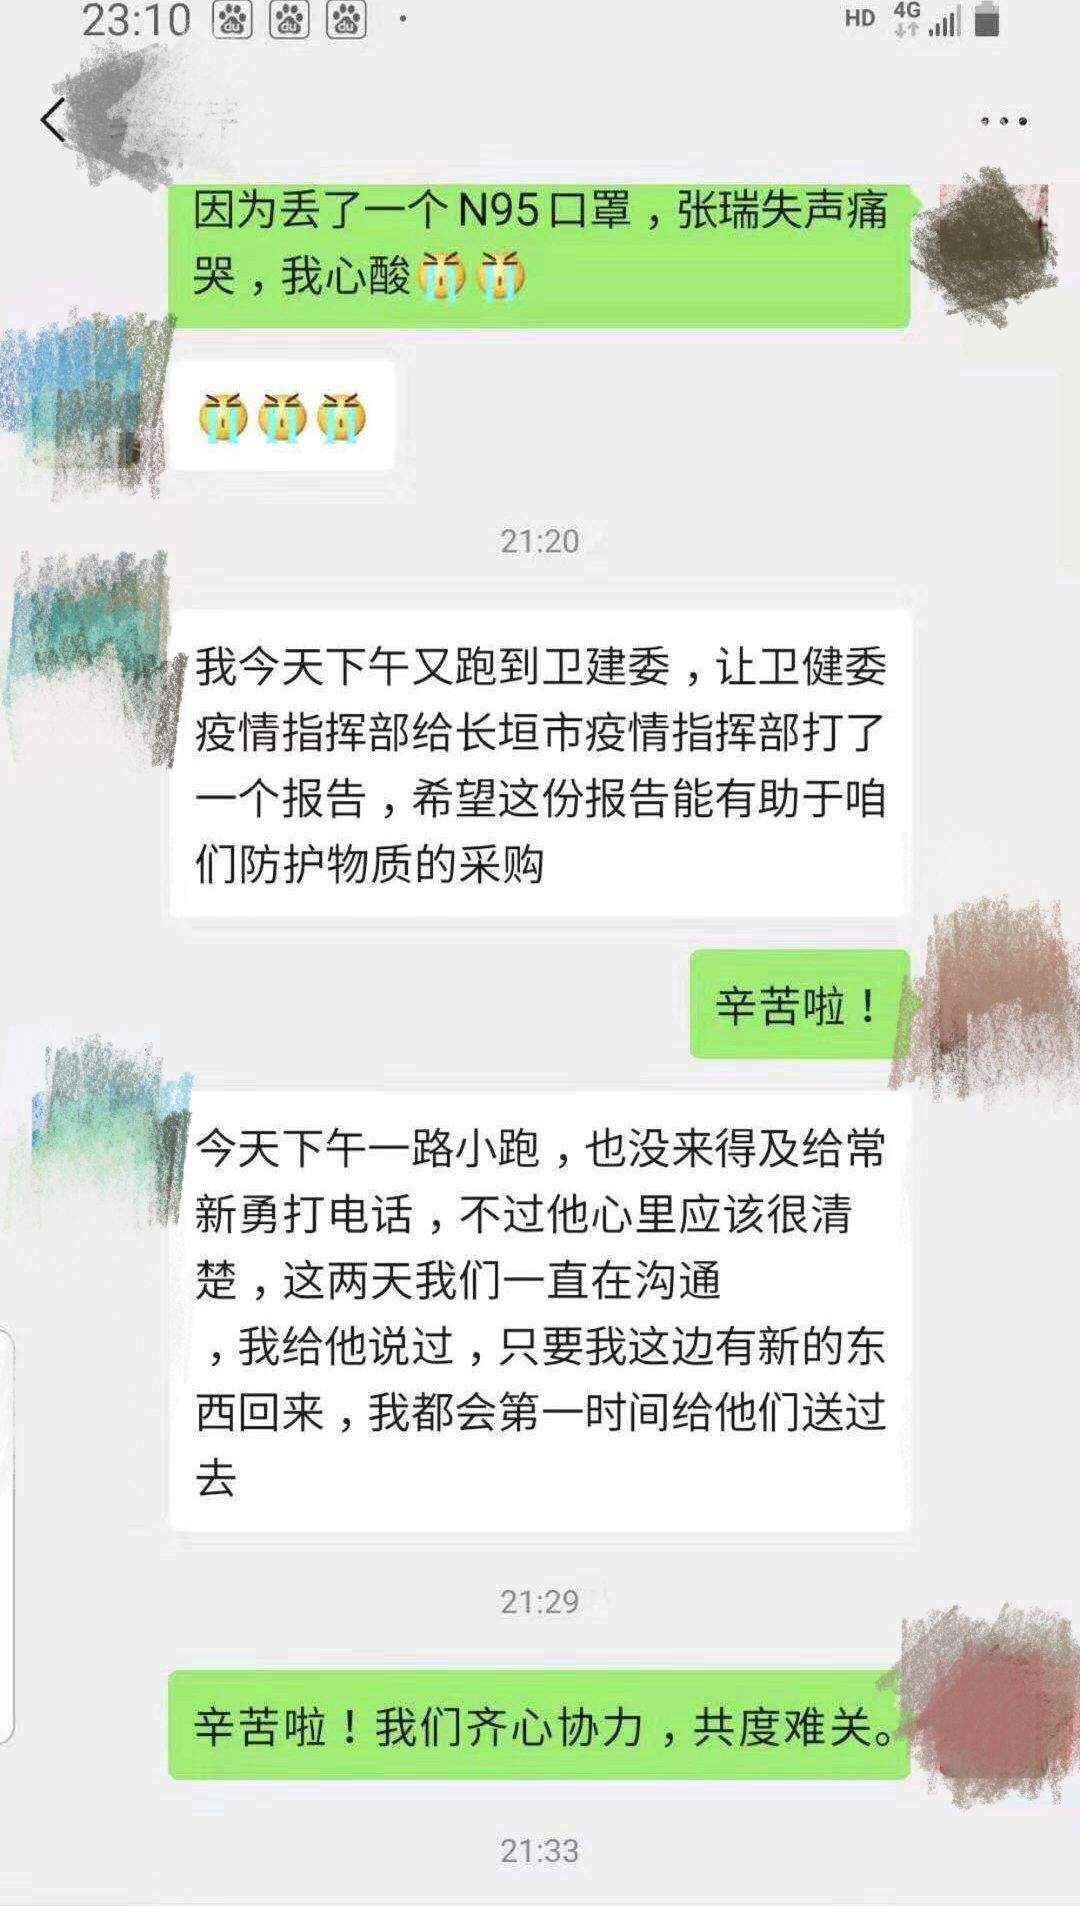 河南漯河市中医院,一位护士长因丢失了一个N95口罩急得失声痛哭。朋友圈截图